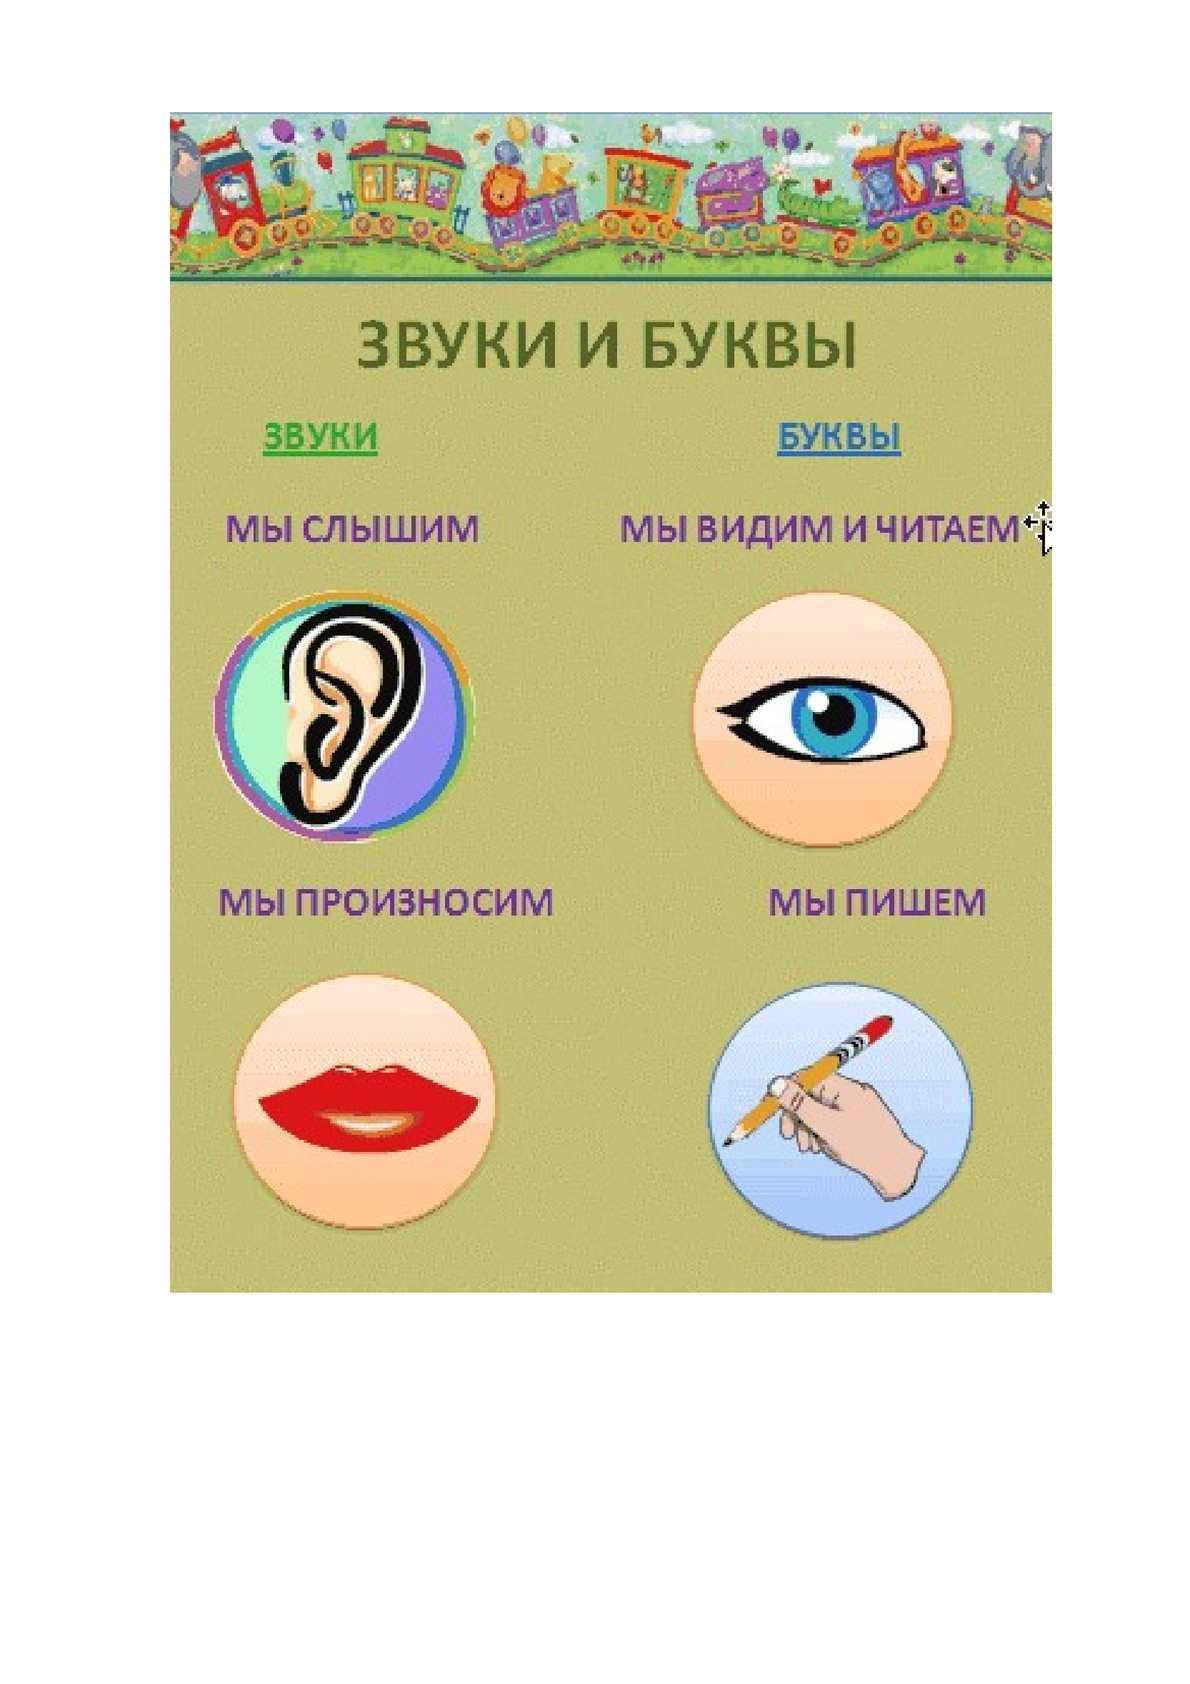 Картинка по обучению грамоте звуки речи